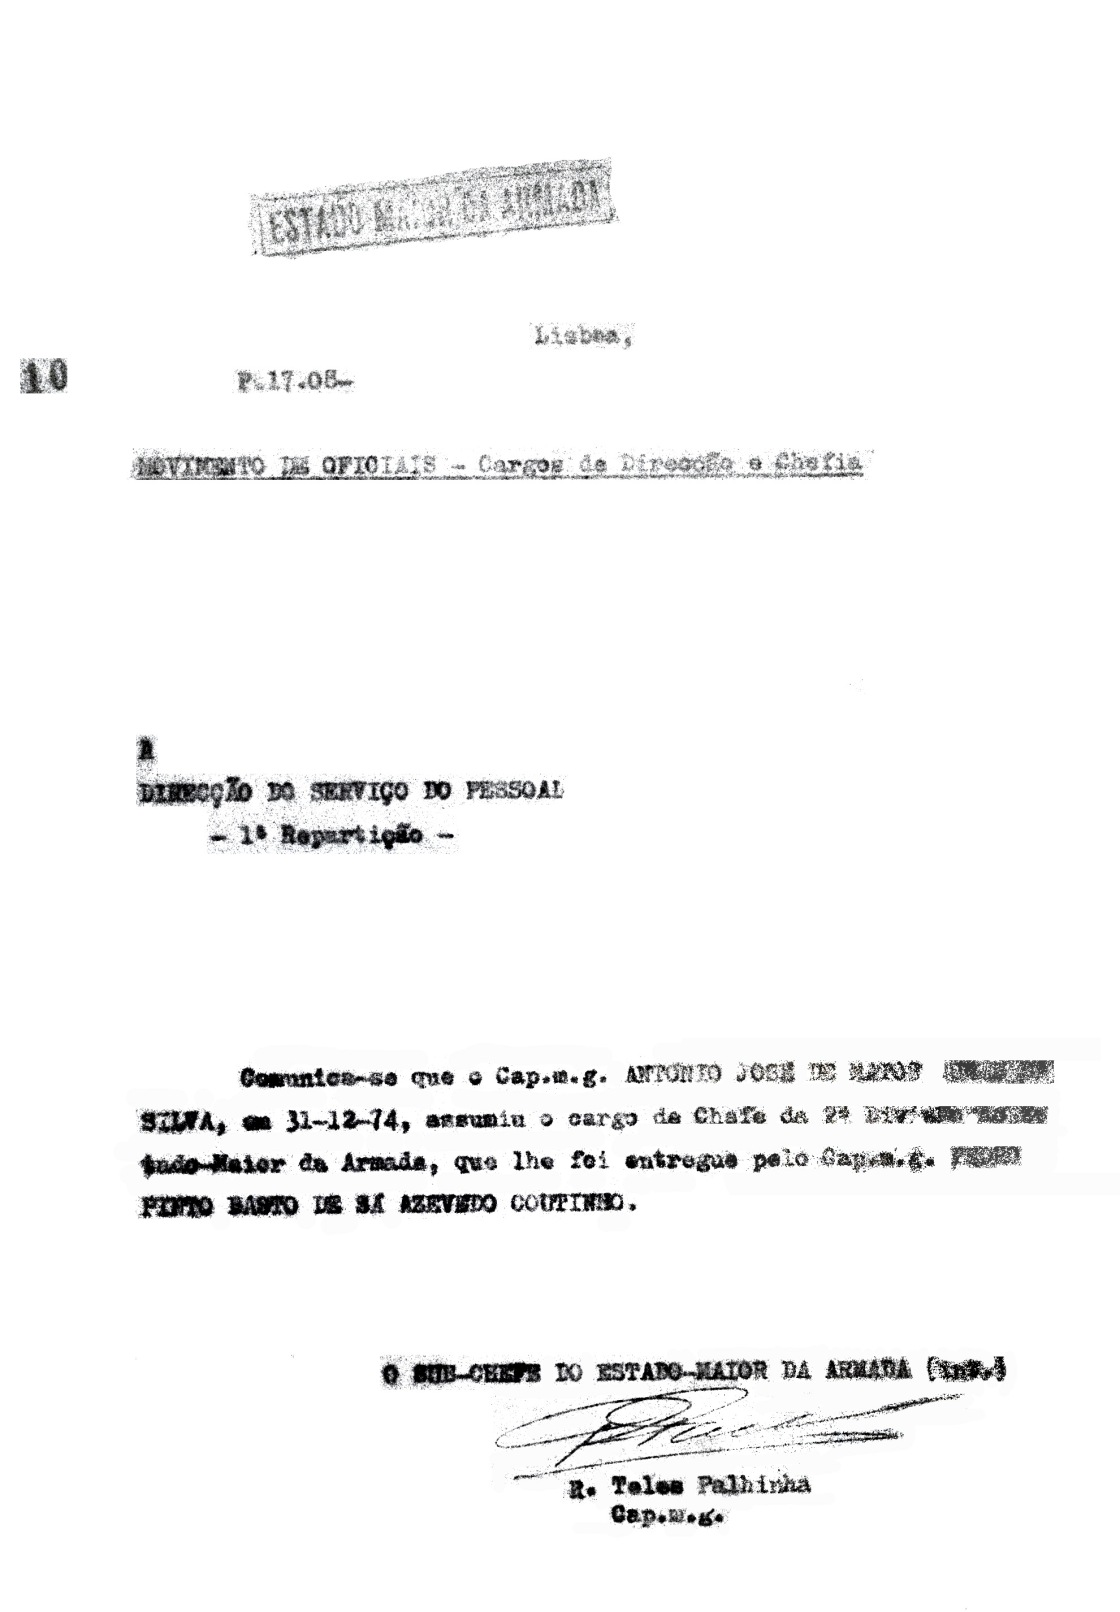 00667 974-12-31 assumi cargo de Chefe da II Divisão do EMA -Nota 10 Procº 17.08 de 1975 do EMA